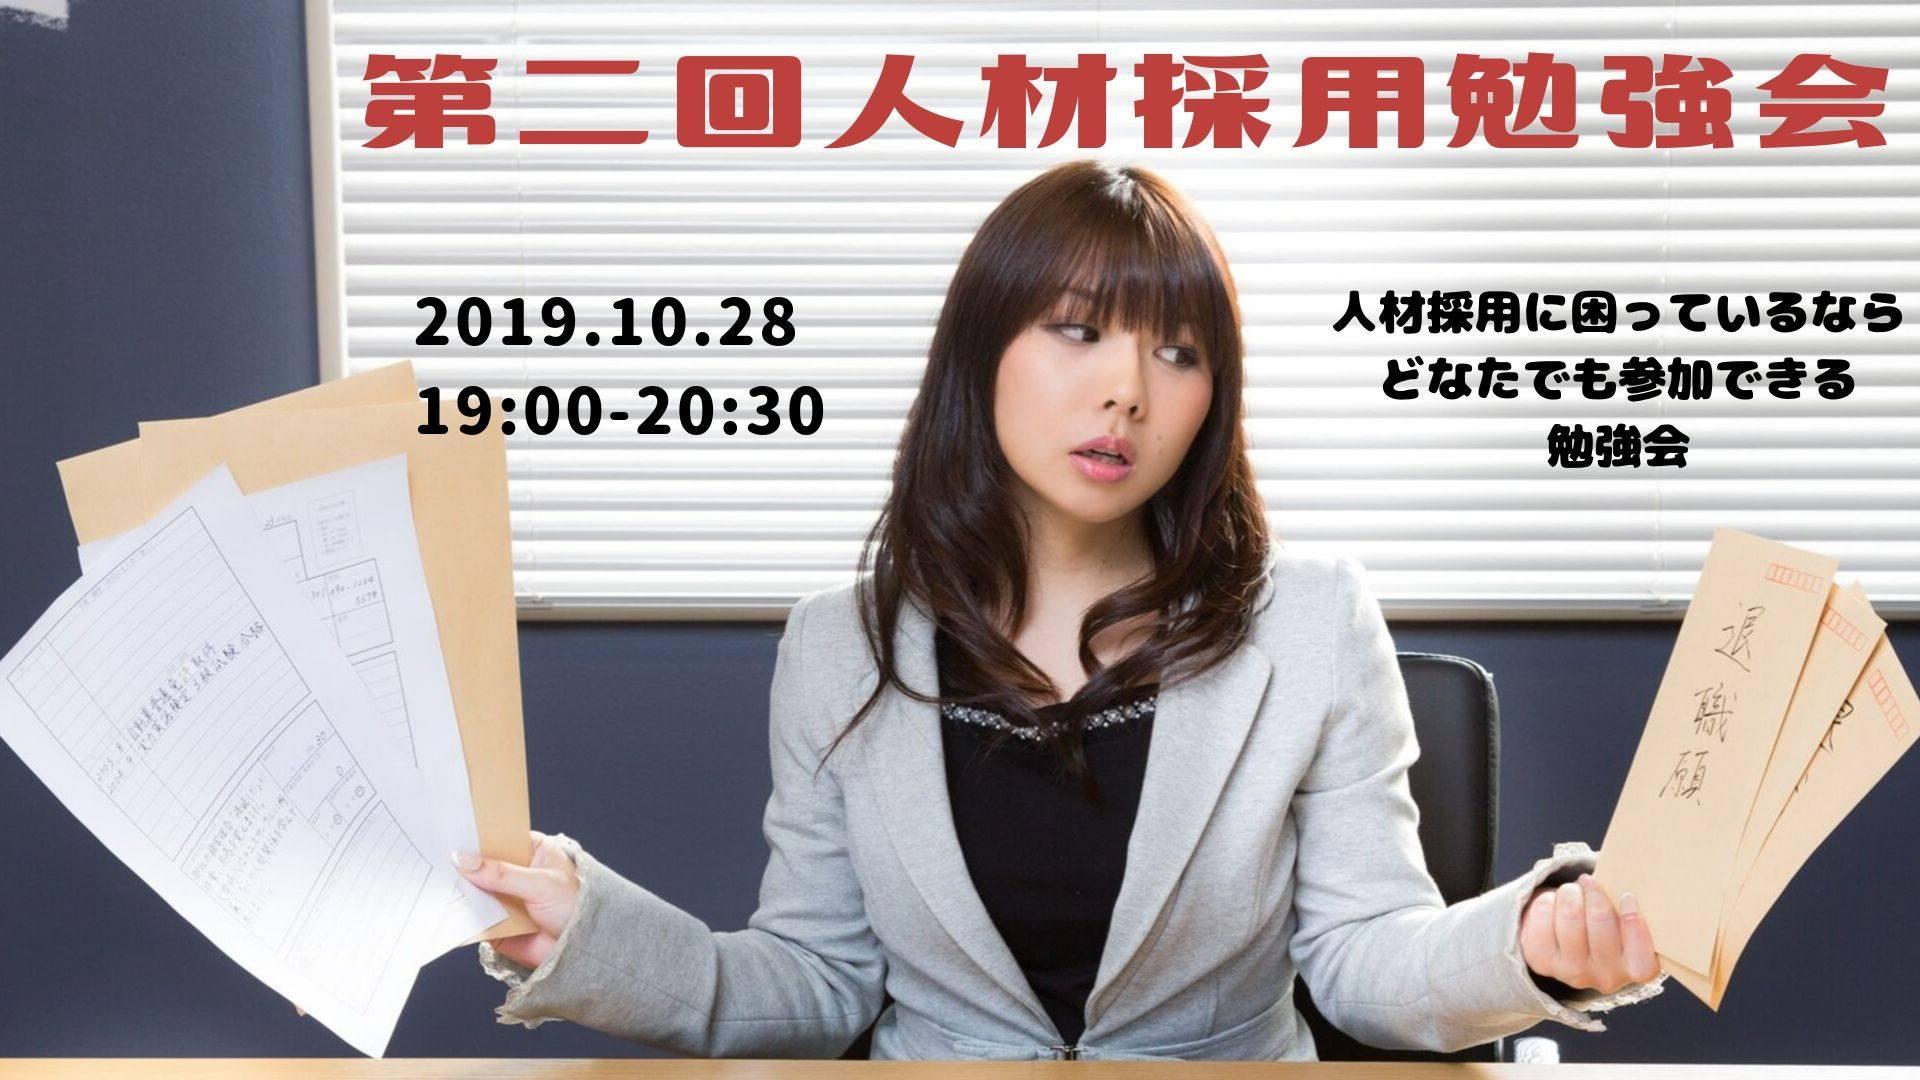 (キャンセル)10/28 第二回 人材採用勉強会